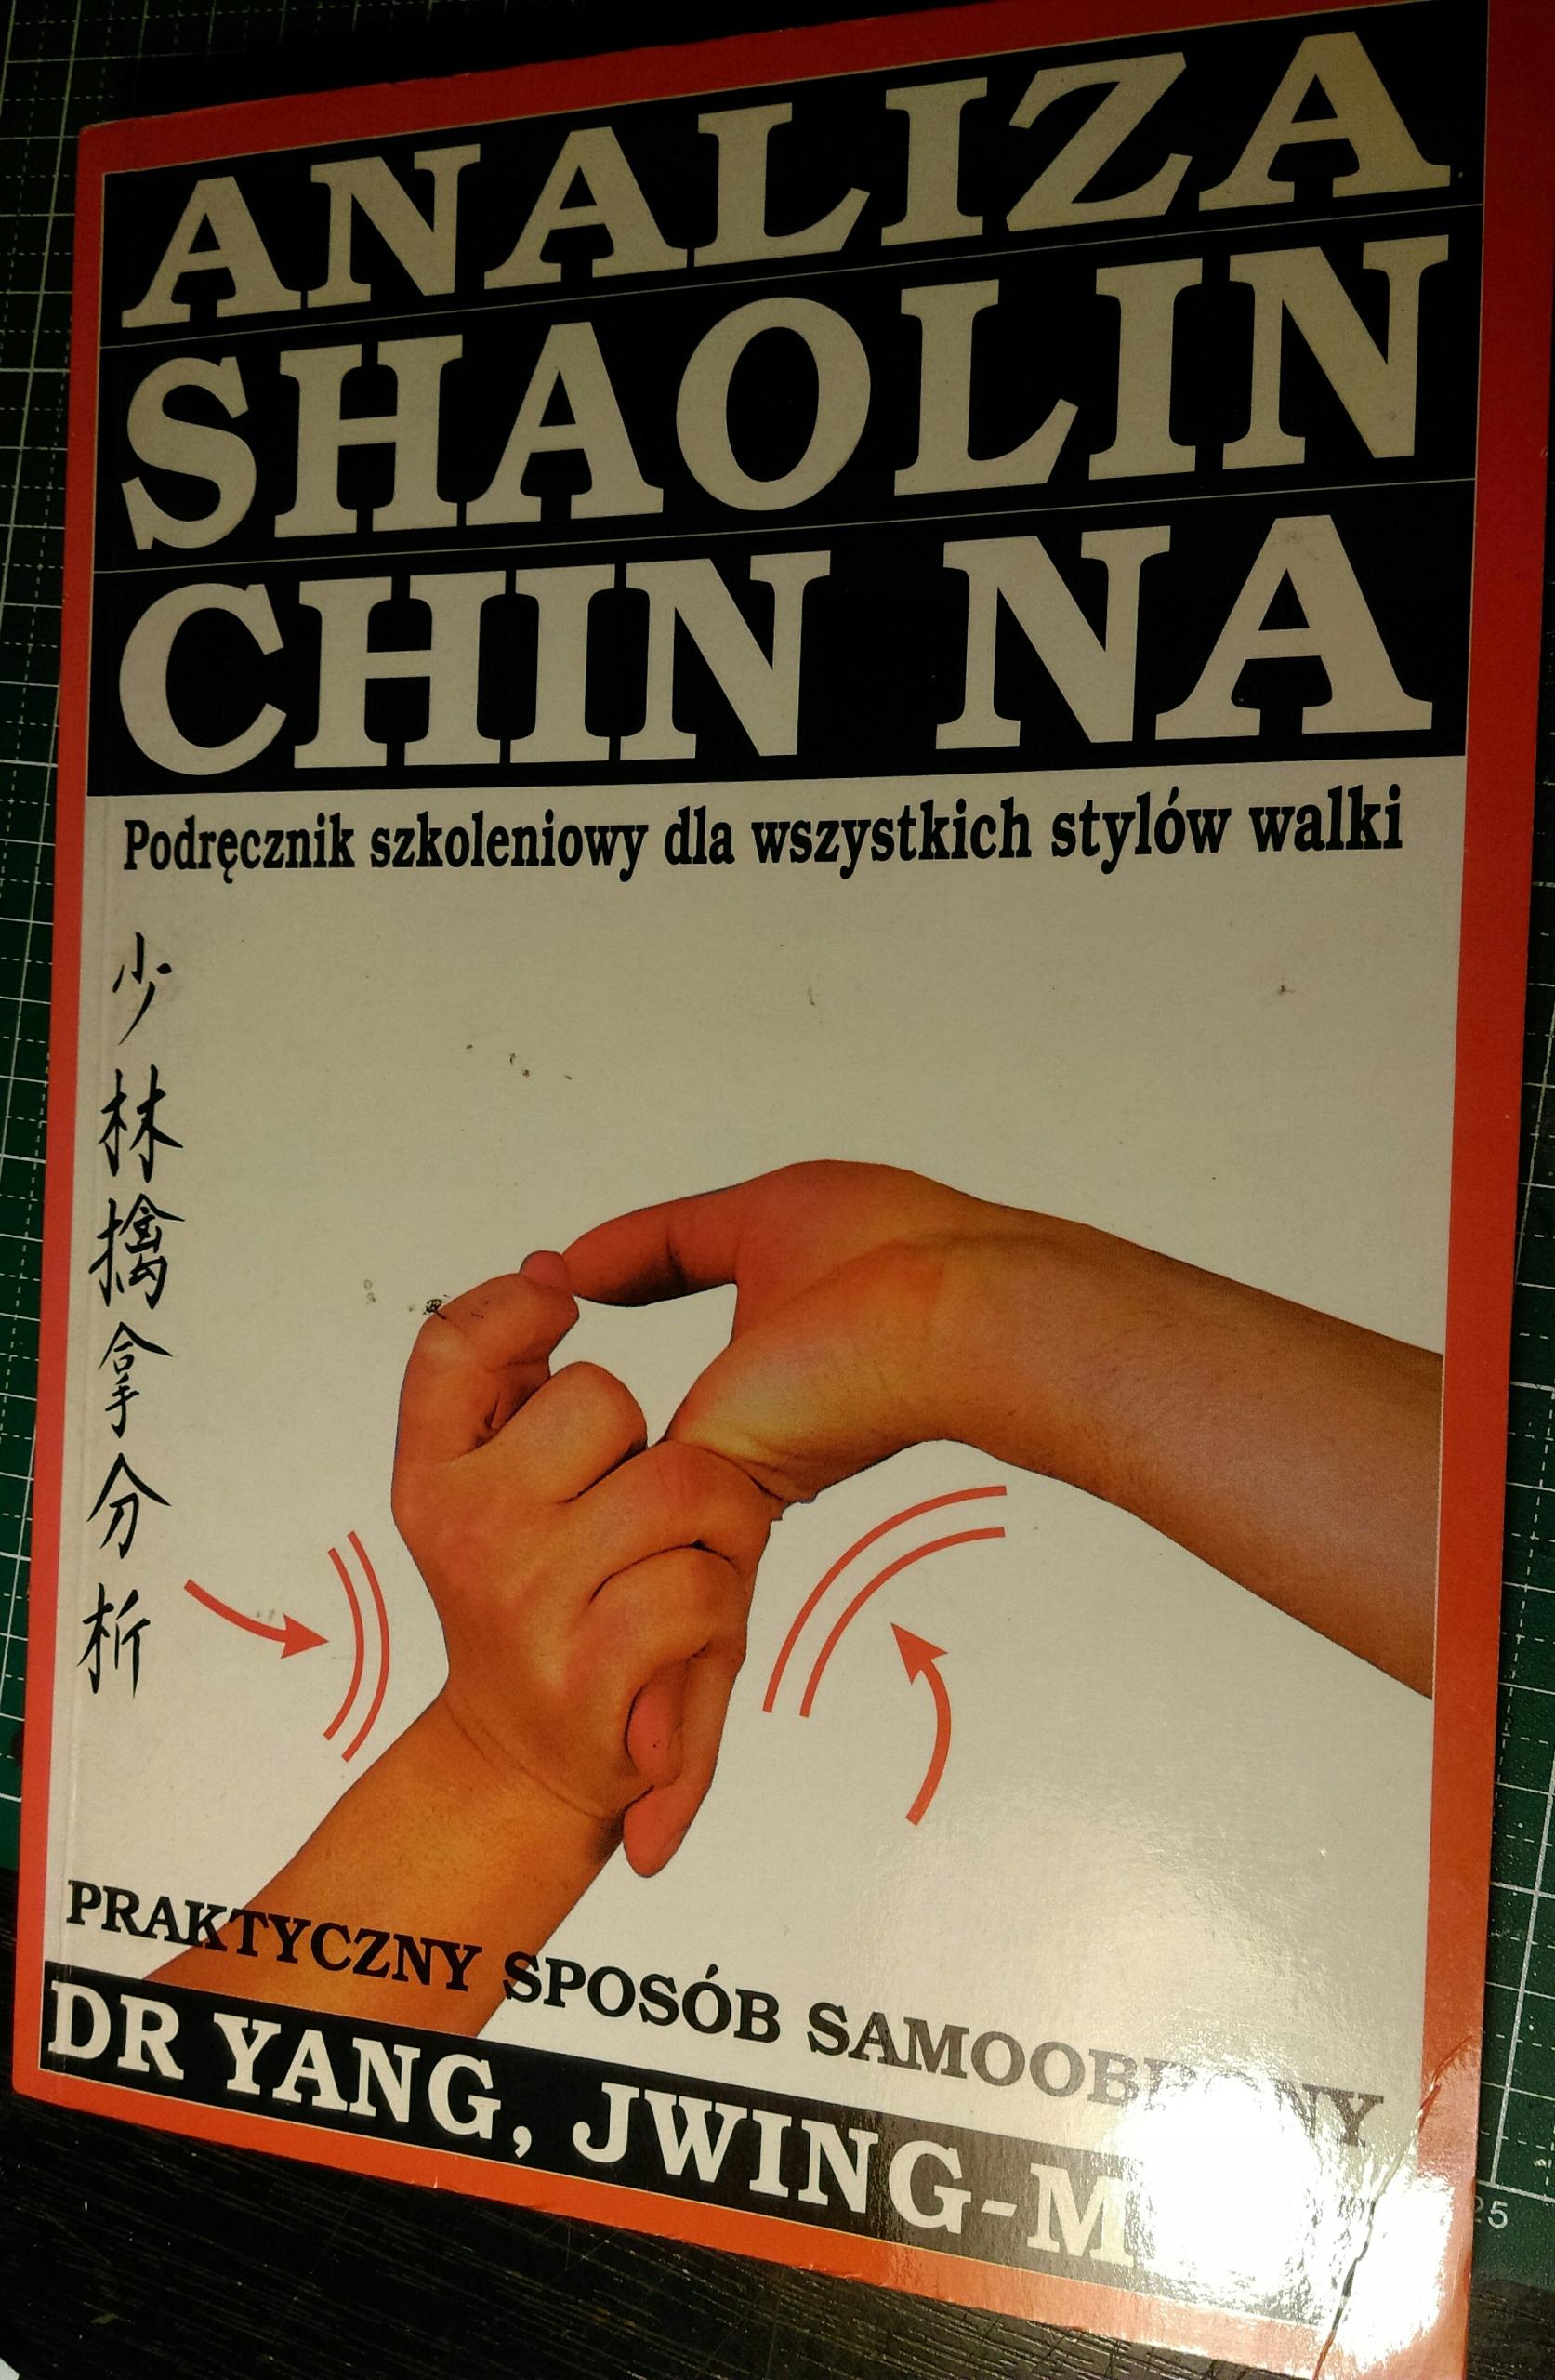 Shaolin chi na. Kung fu.